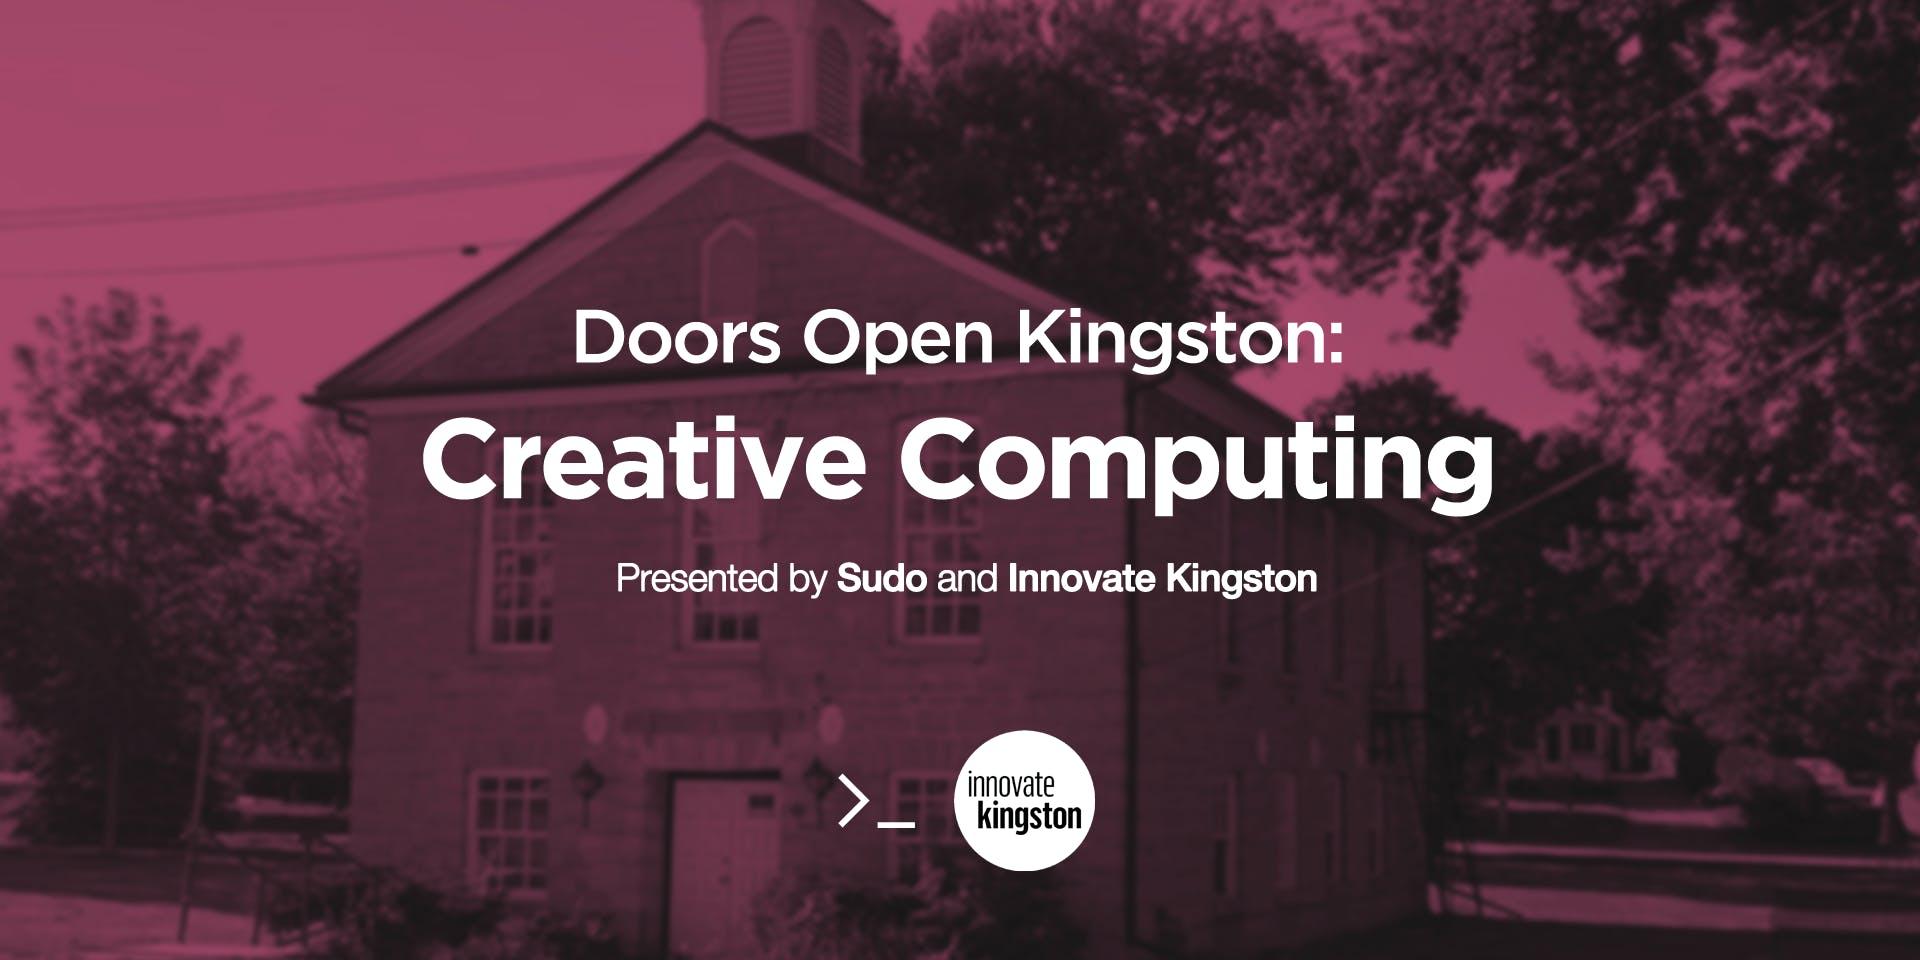 Doors Open Kingston Creative Computing & Doors Open Kingston: Creative Computing at Portsmouth Town Hall ...